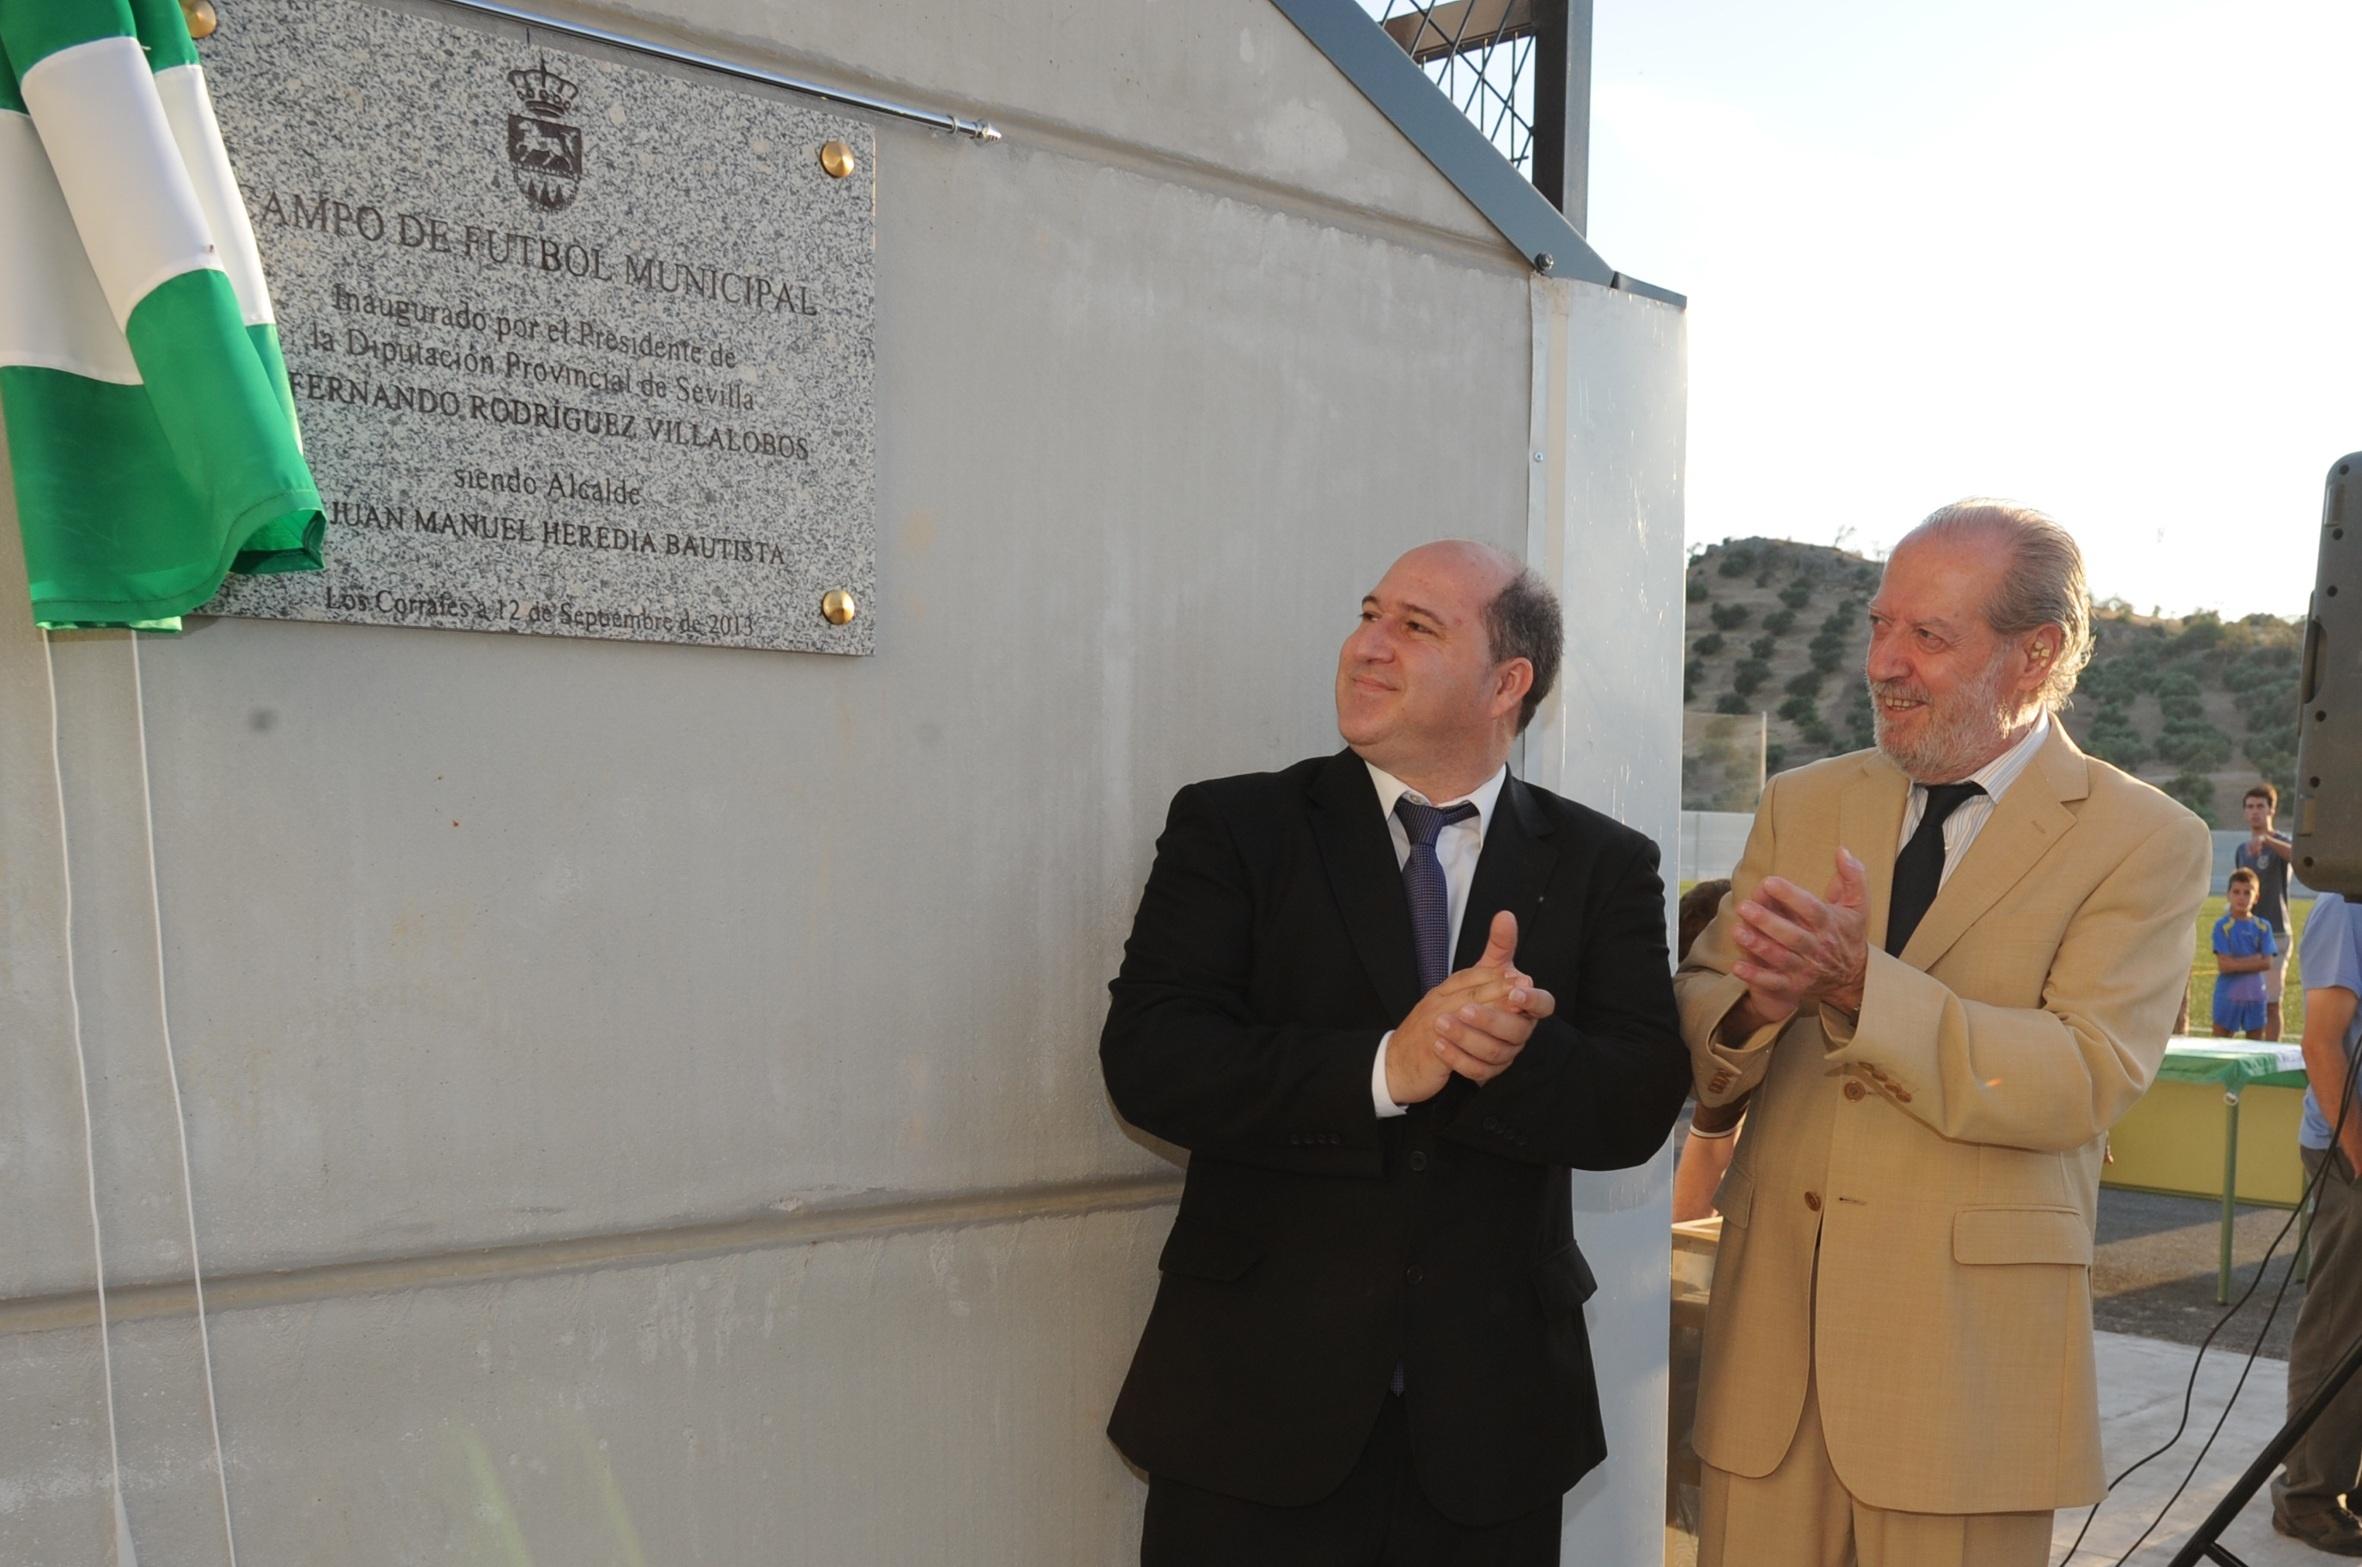 Villalobos inaugura las nuevas instalaciones del campo de fútbol de Los Corrales